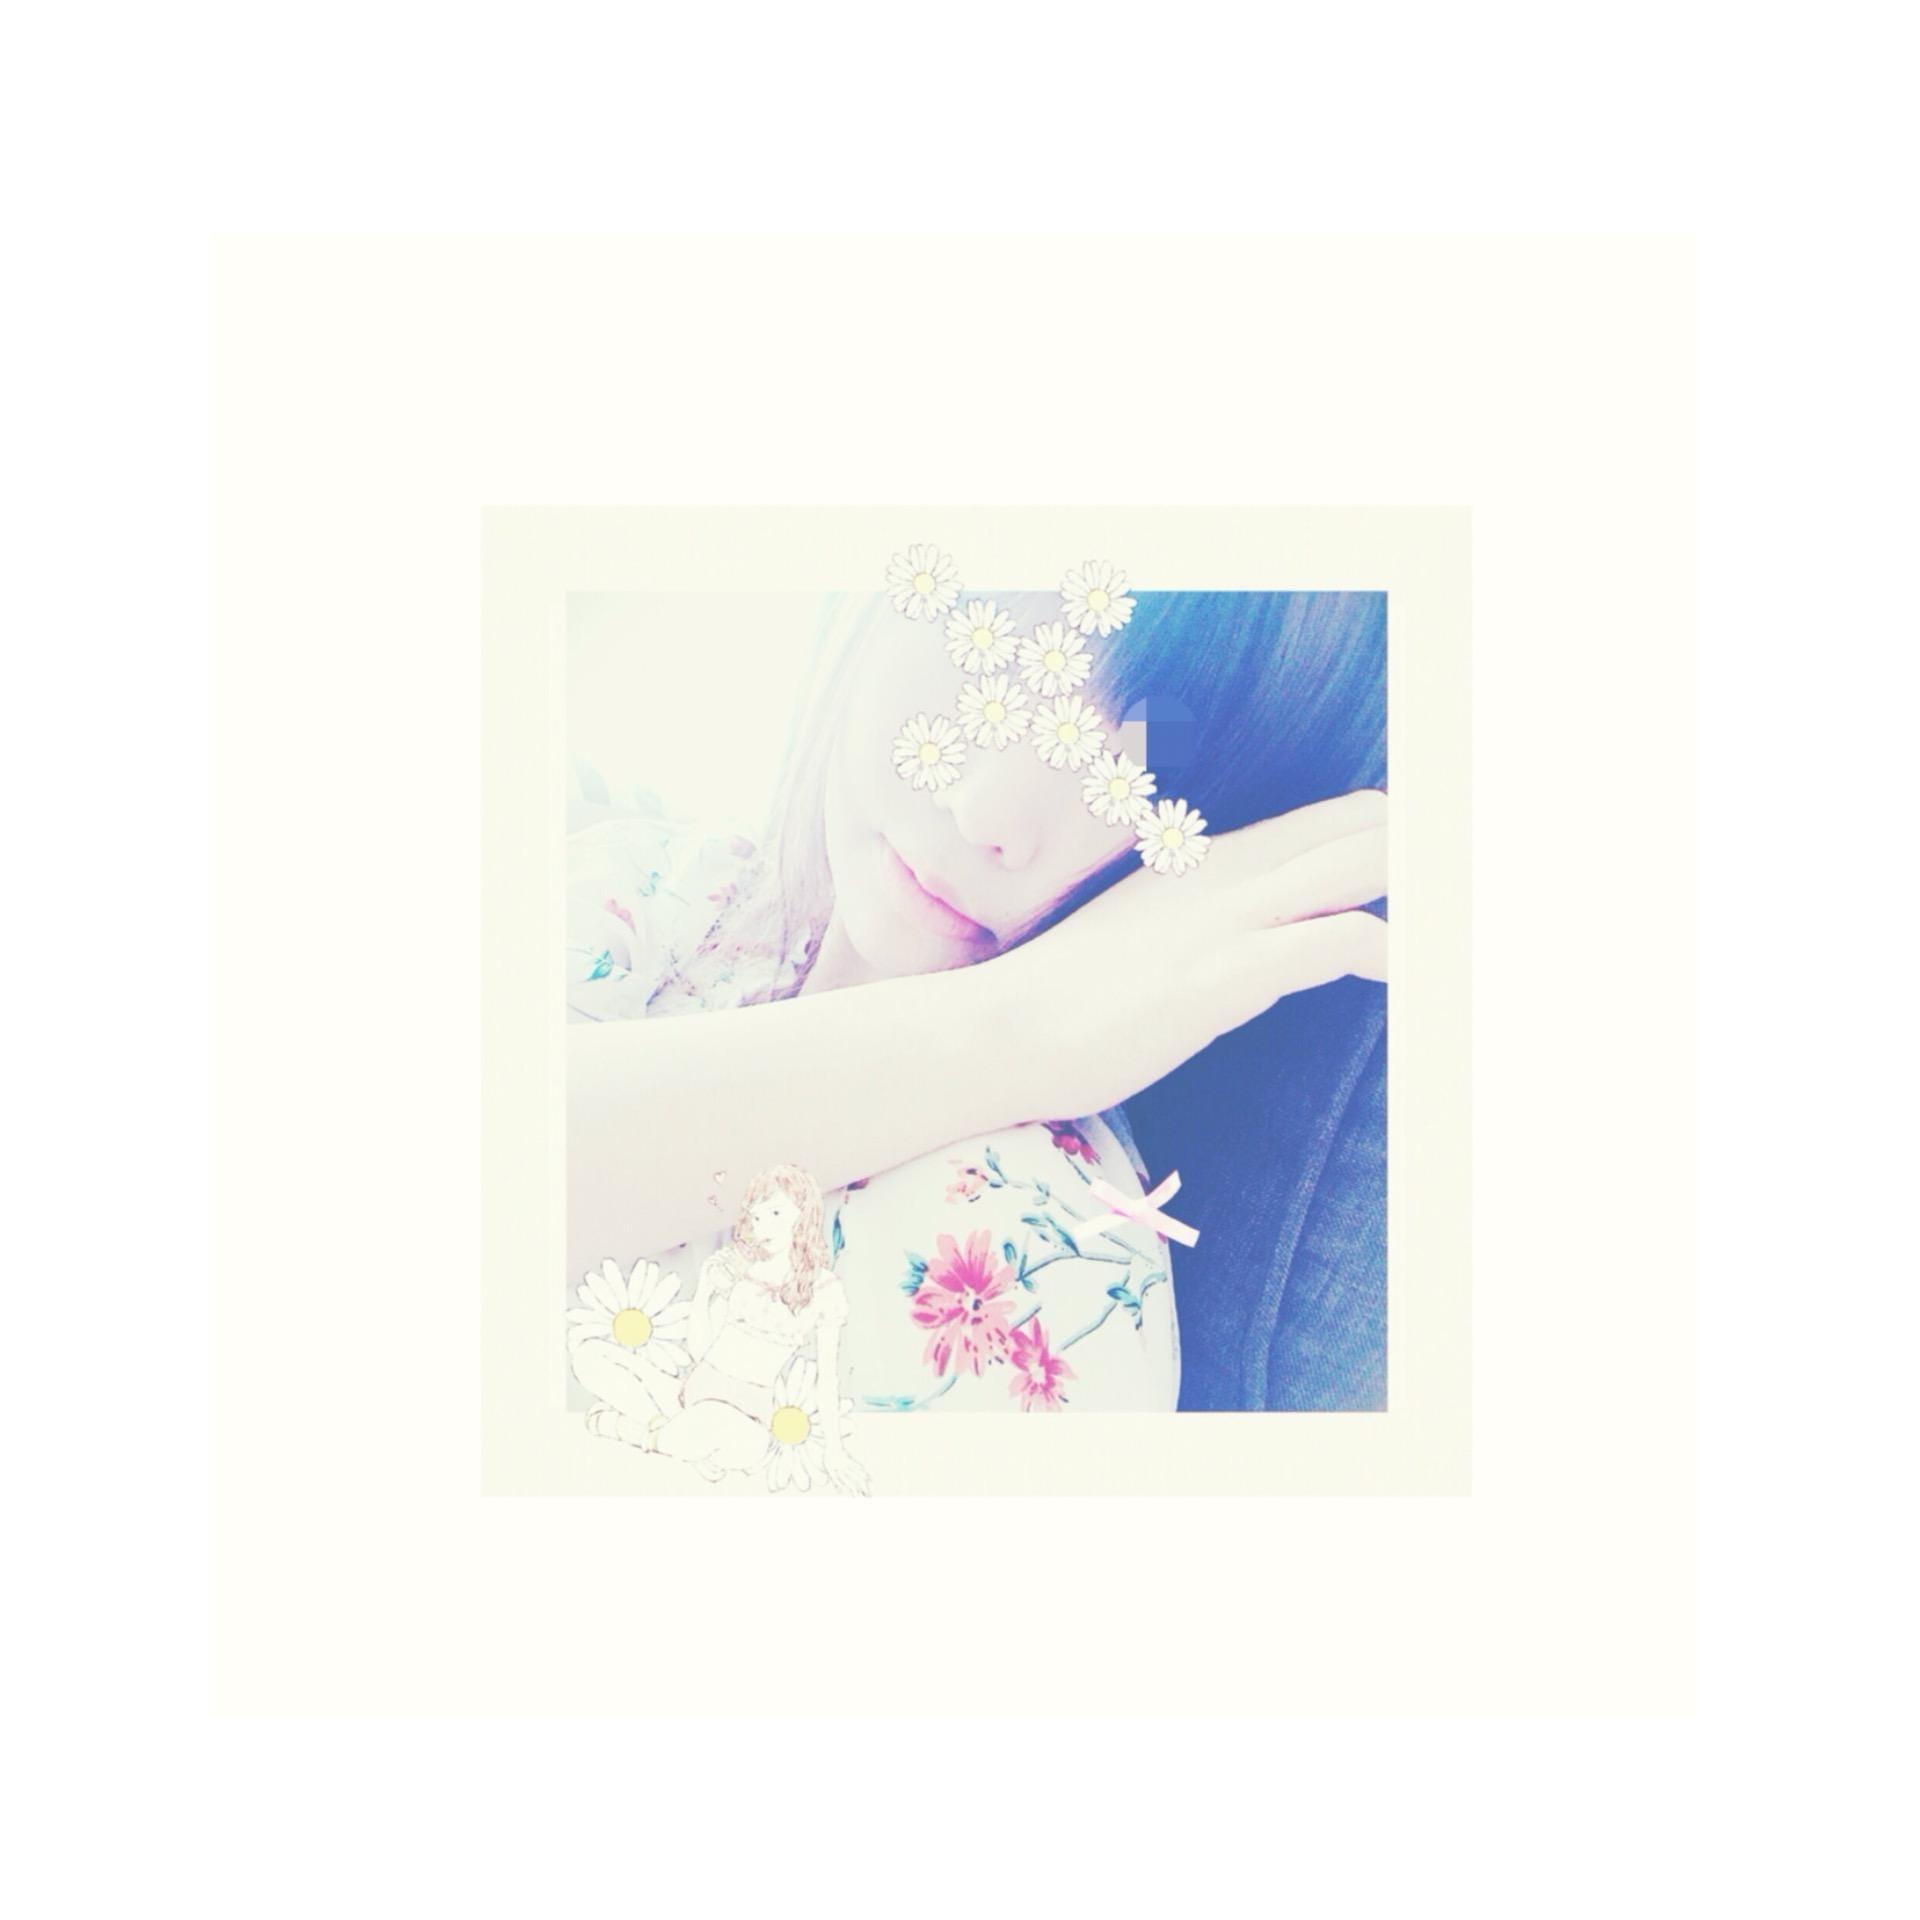 ちい「Re:レシピ(*´  `*)」09/18(火) 01:10 | ちいの写メ・風俗動画